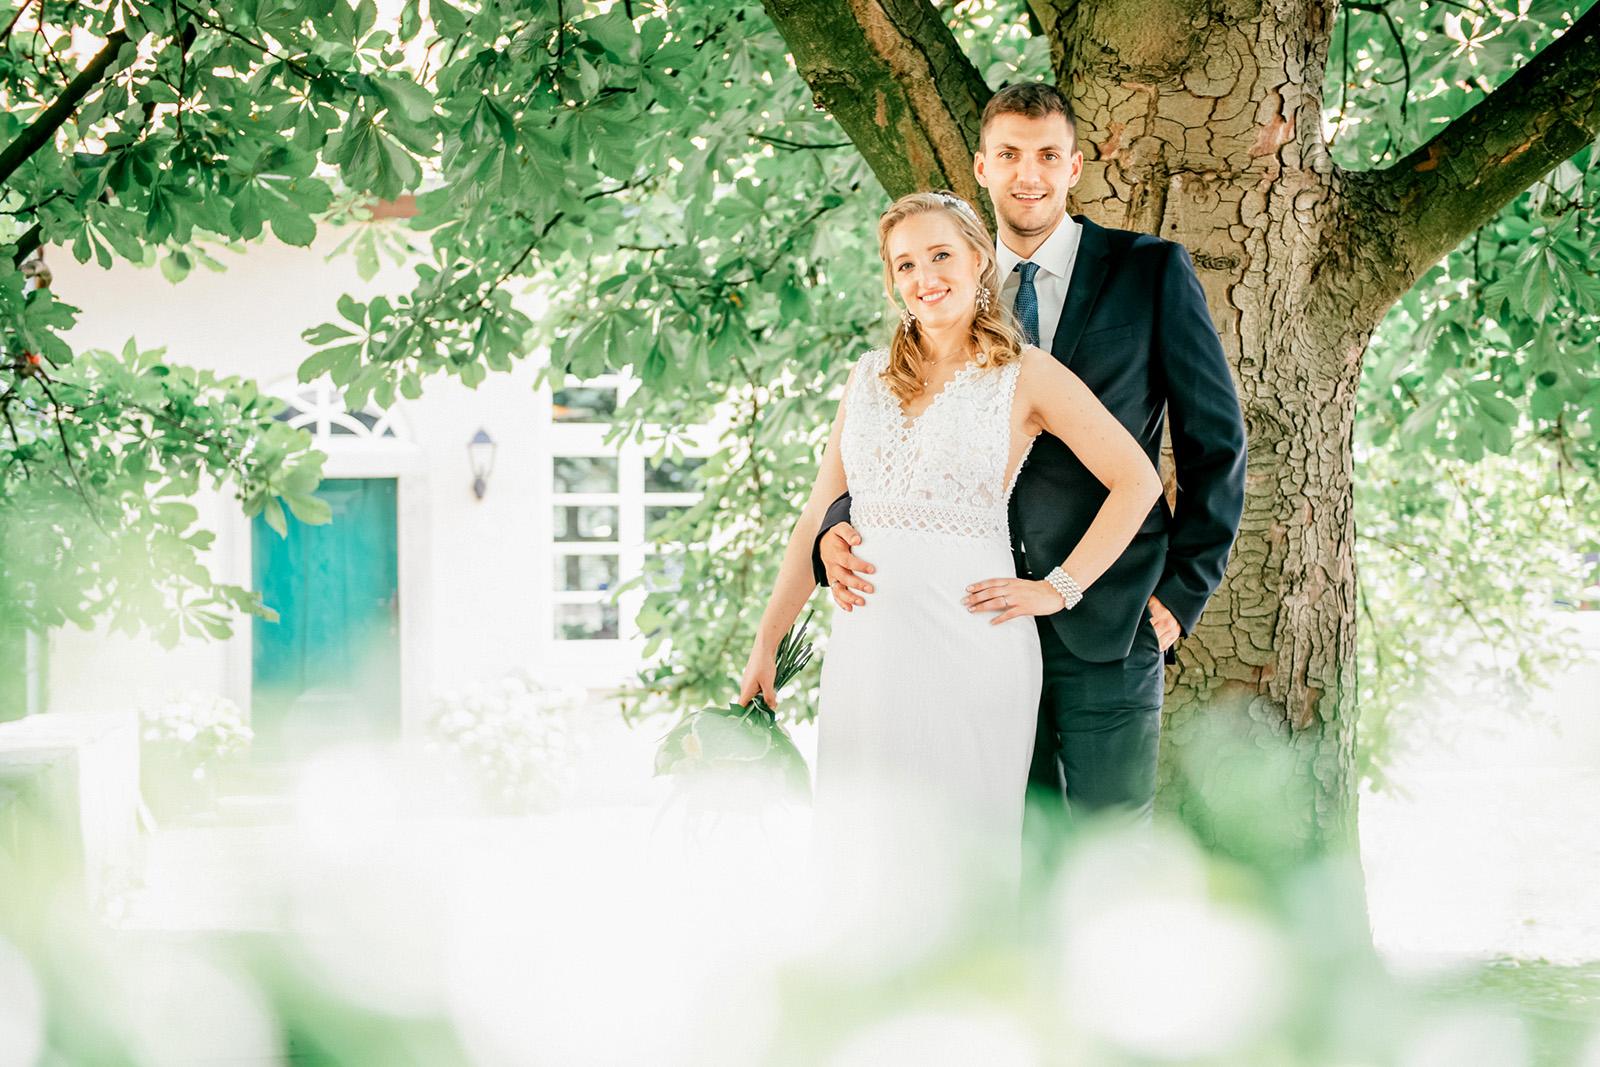 Stimmungsvolle Klassische Hochzeitsfotografie